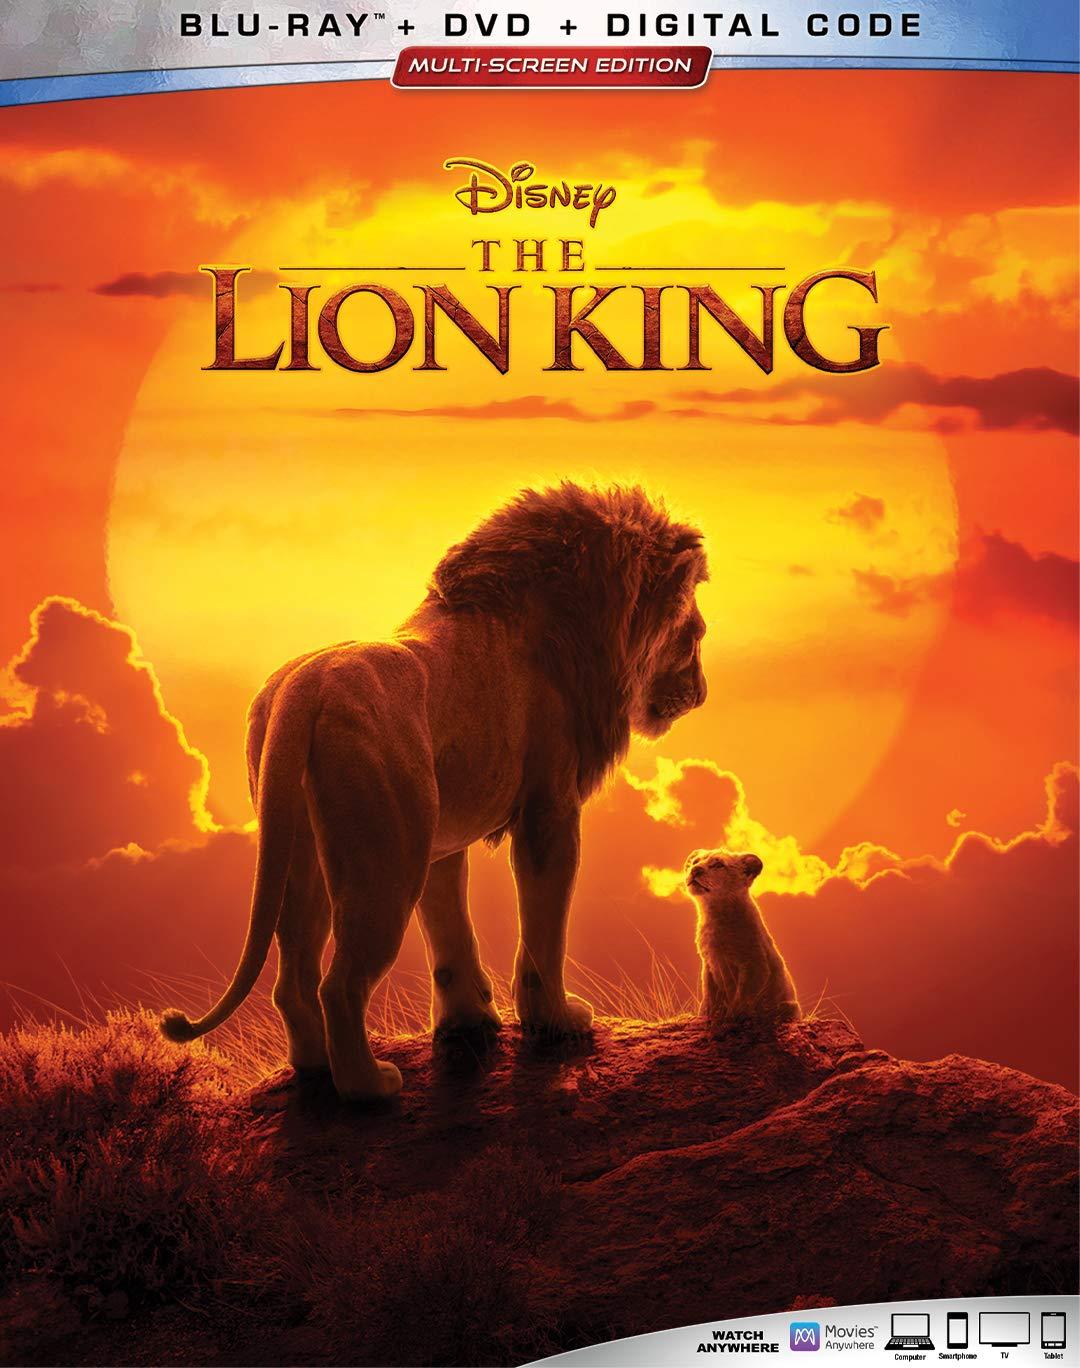 【獅子王】 The Lion King--->王者降臨